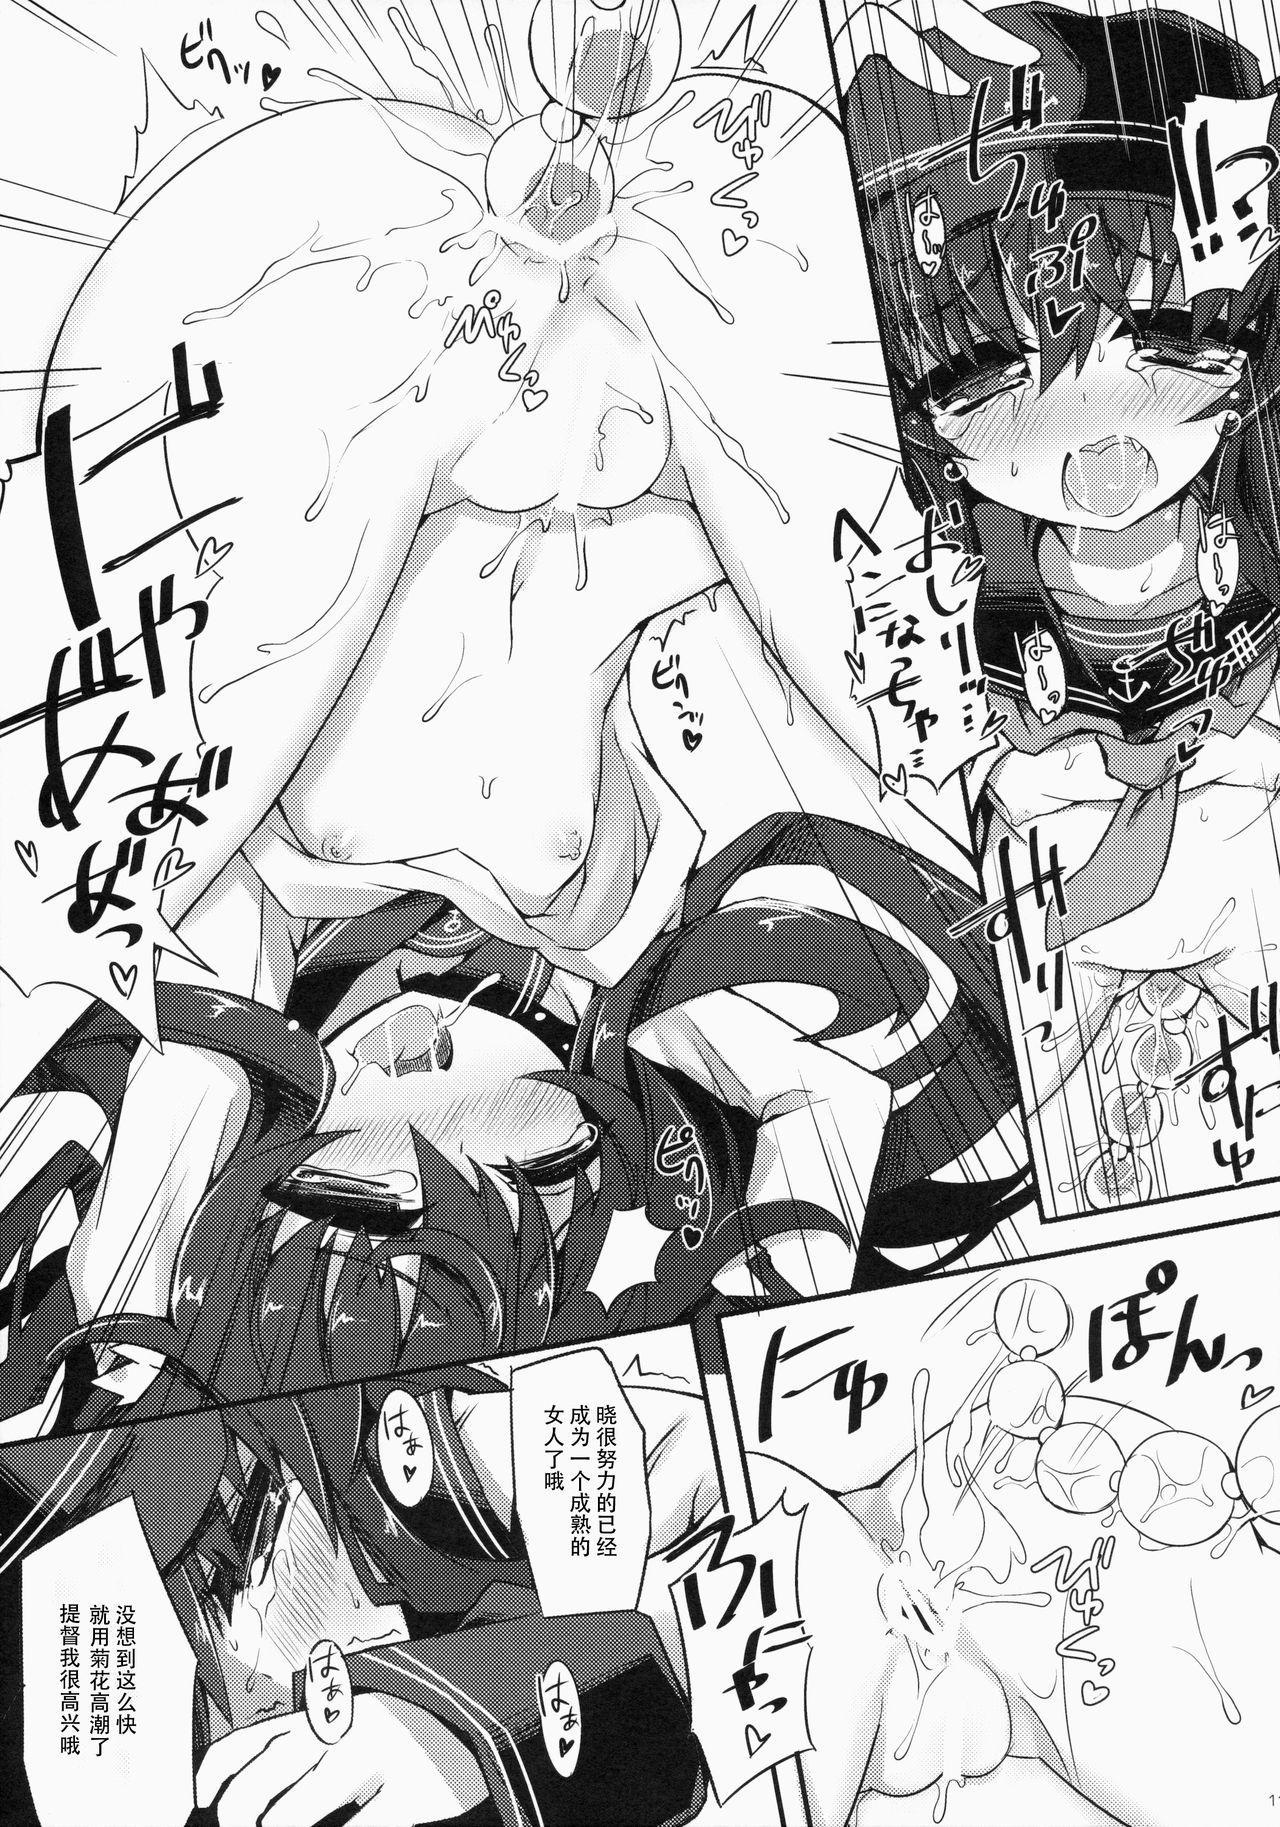 Akatsuki-chan to Oshiri de Yaritaihoudai. 10